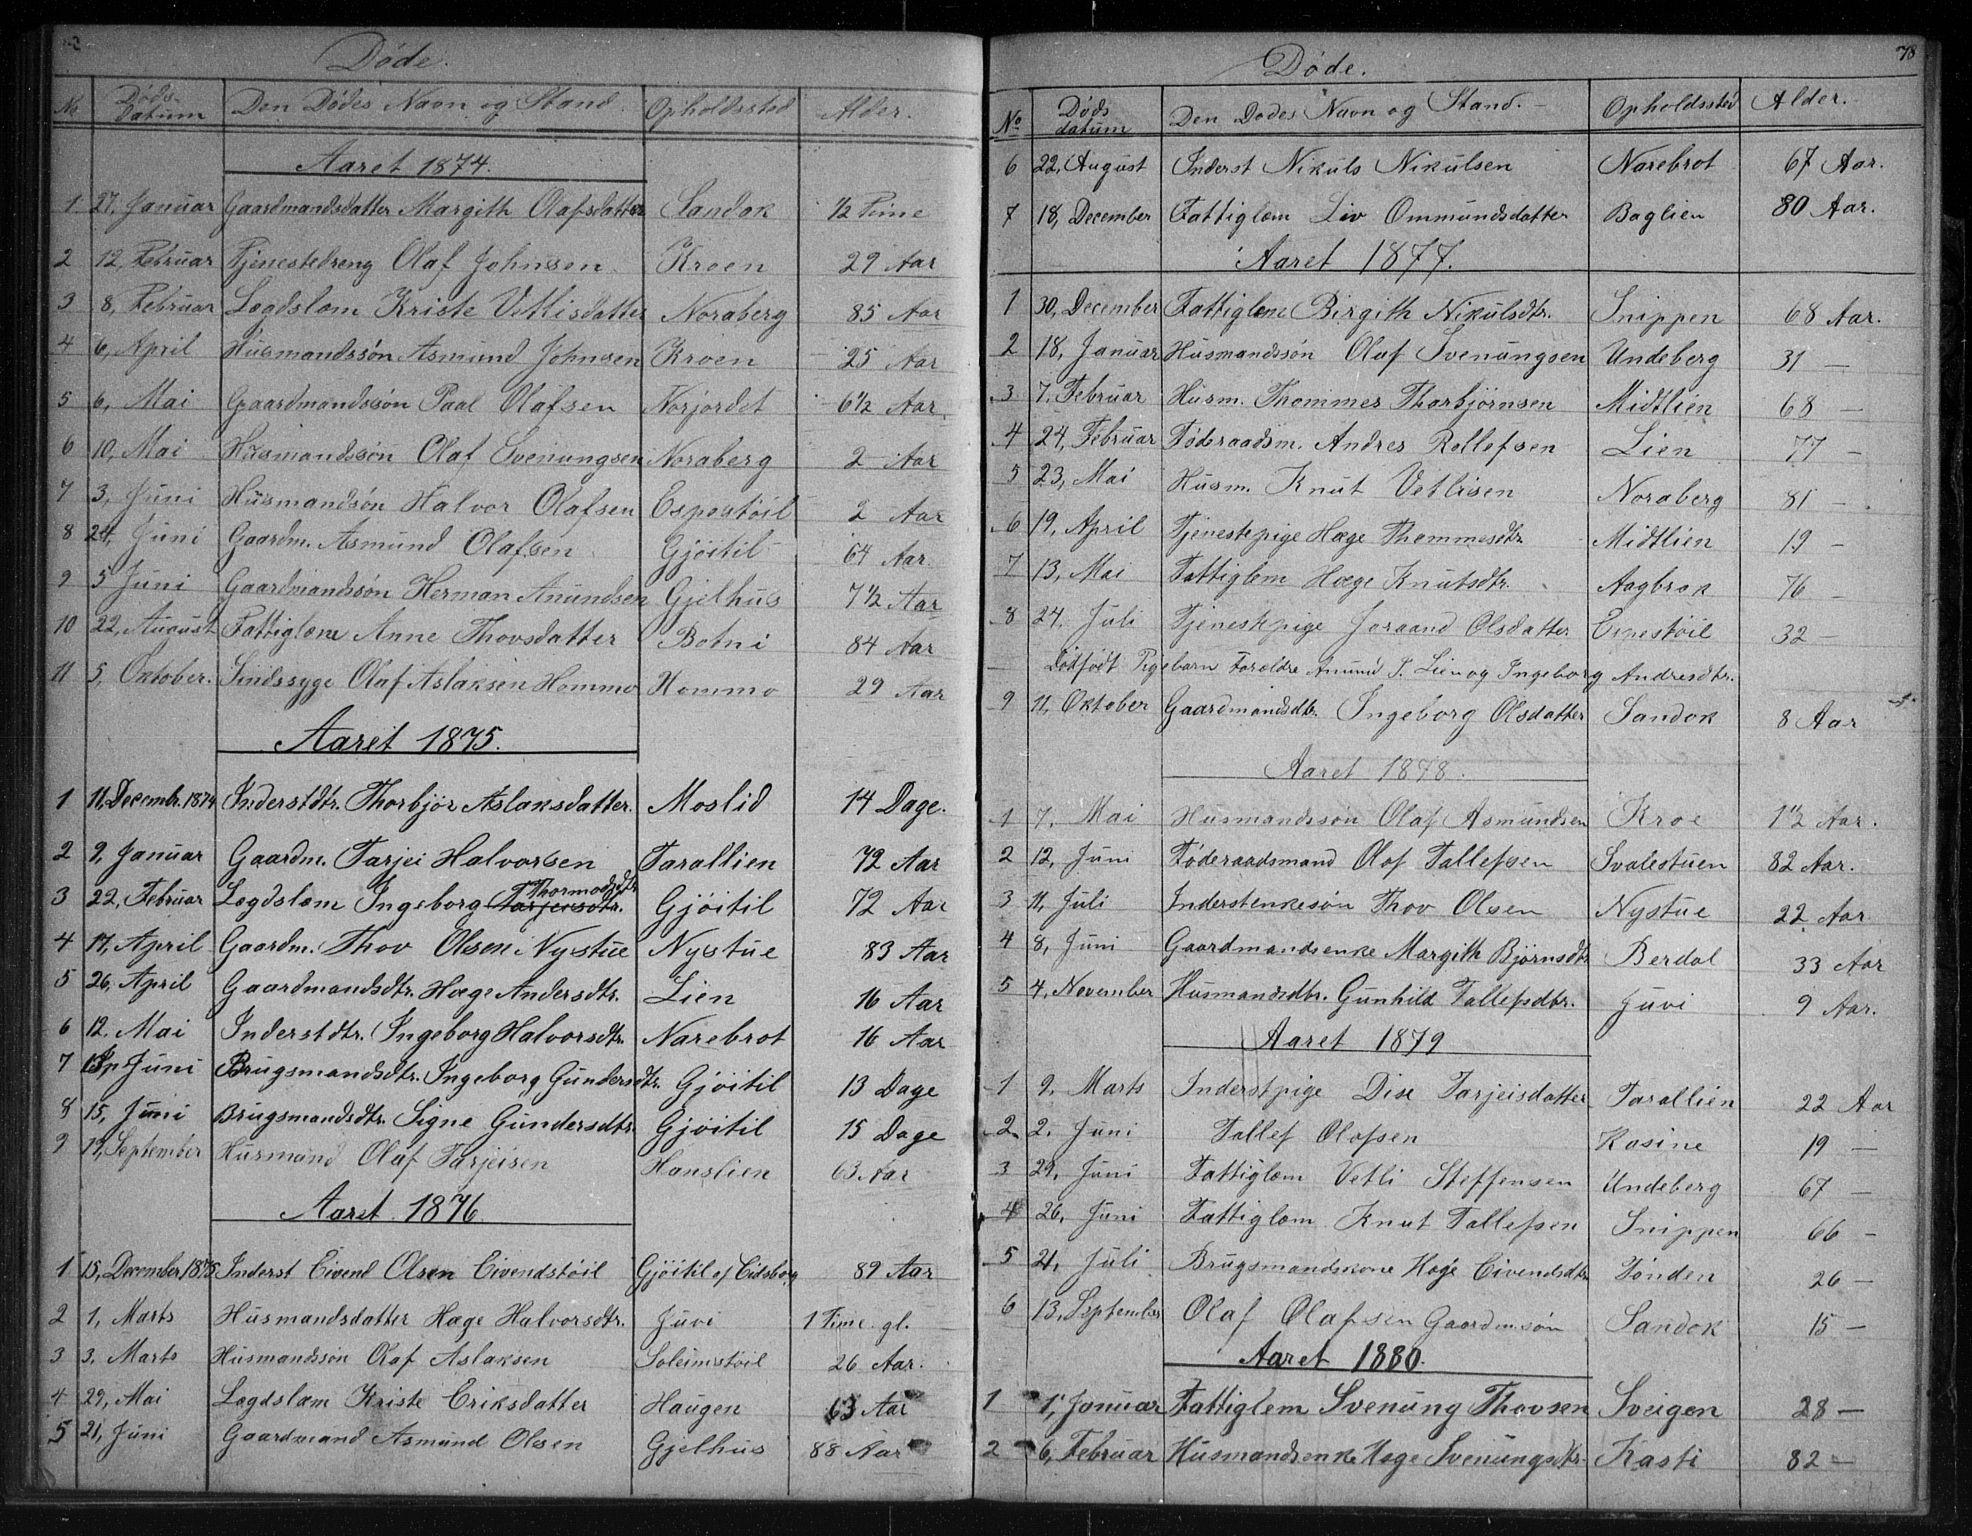 SAKO, Vinje kirkebøker, G/Gb/L0002: Klokkerbok nr. II 2, 1849-1891, s. 78